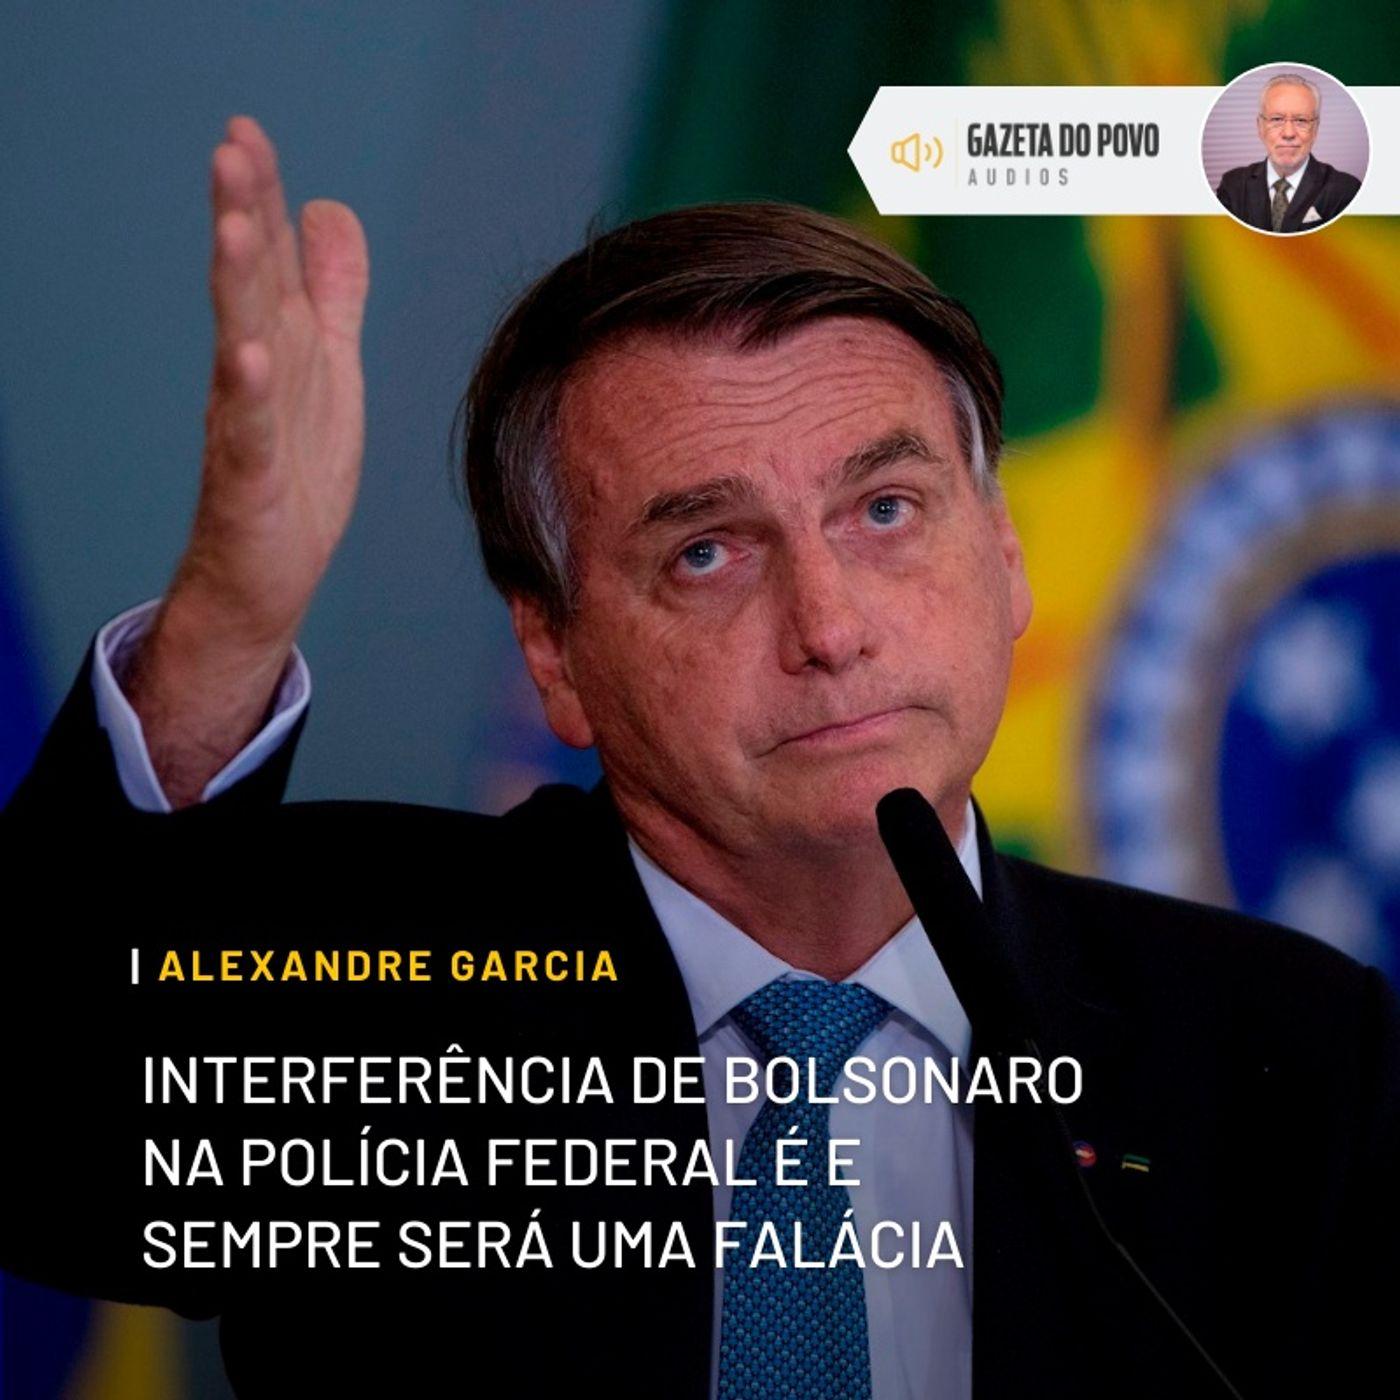 Interferência de Bolsonaro na Polícia Federal é e sempre será uma falácia